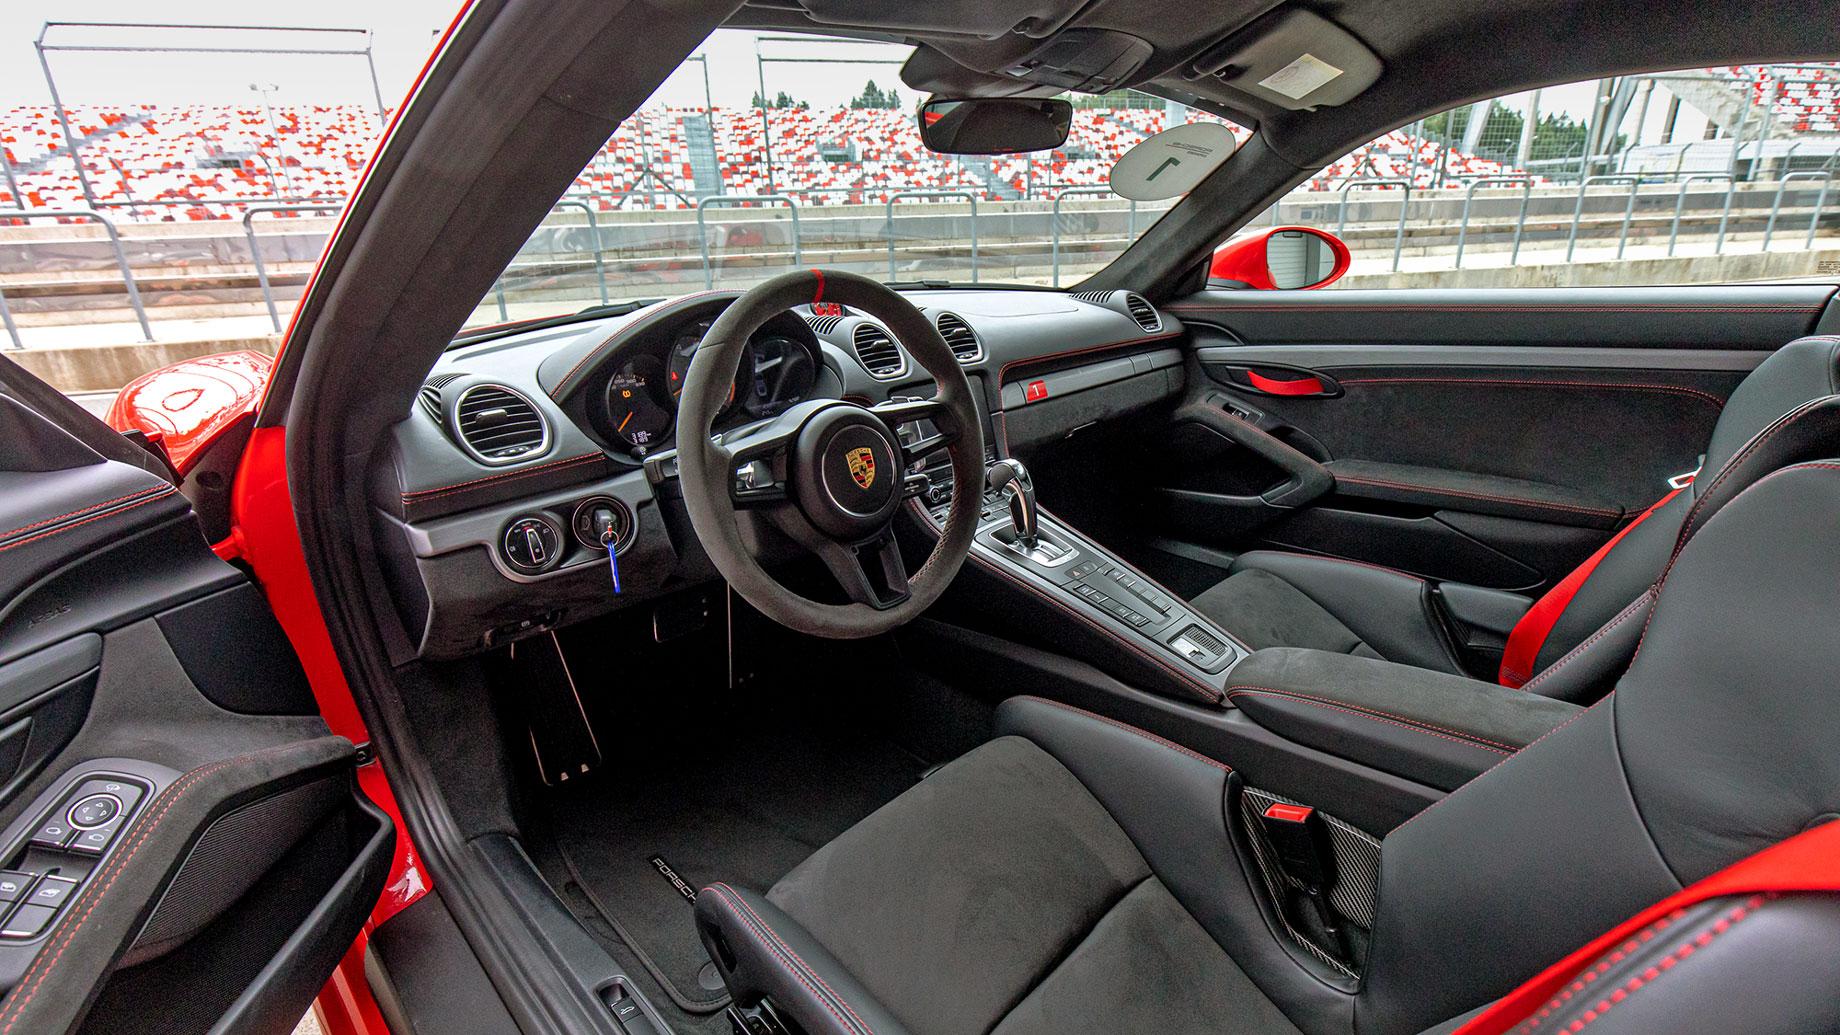 Отрываемся на Porsche GT3 серии 992 от Каймана GT4 c PDK